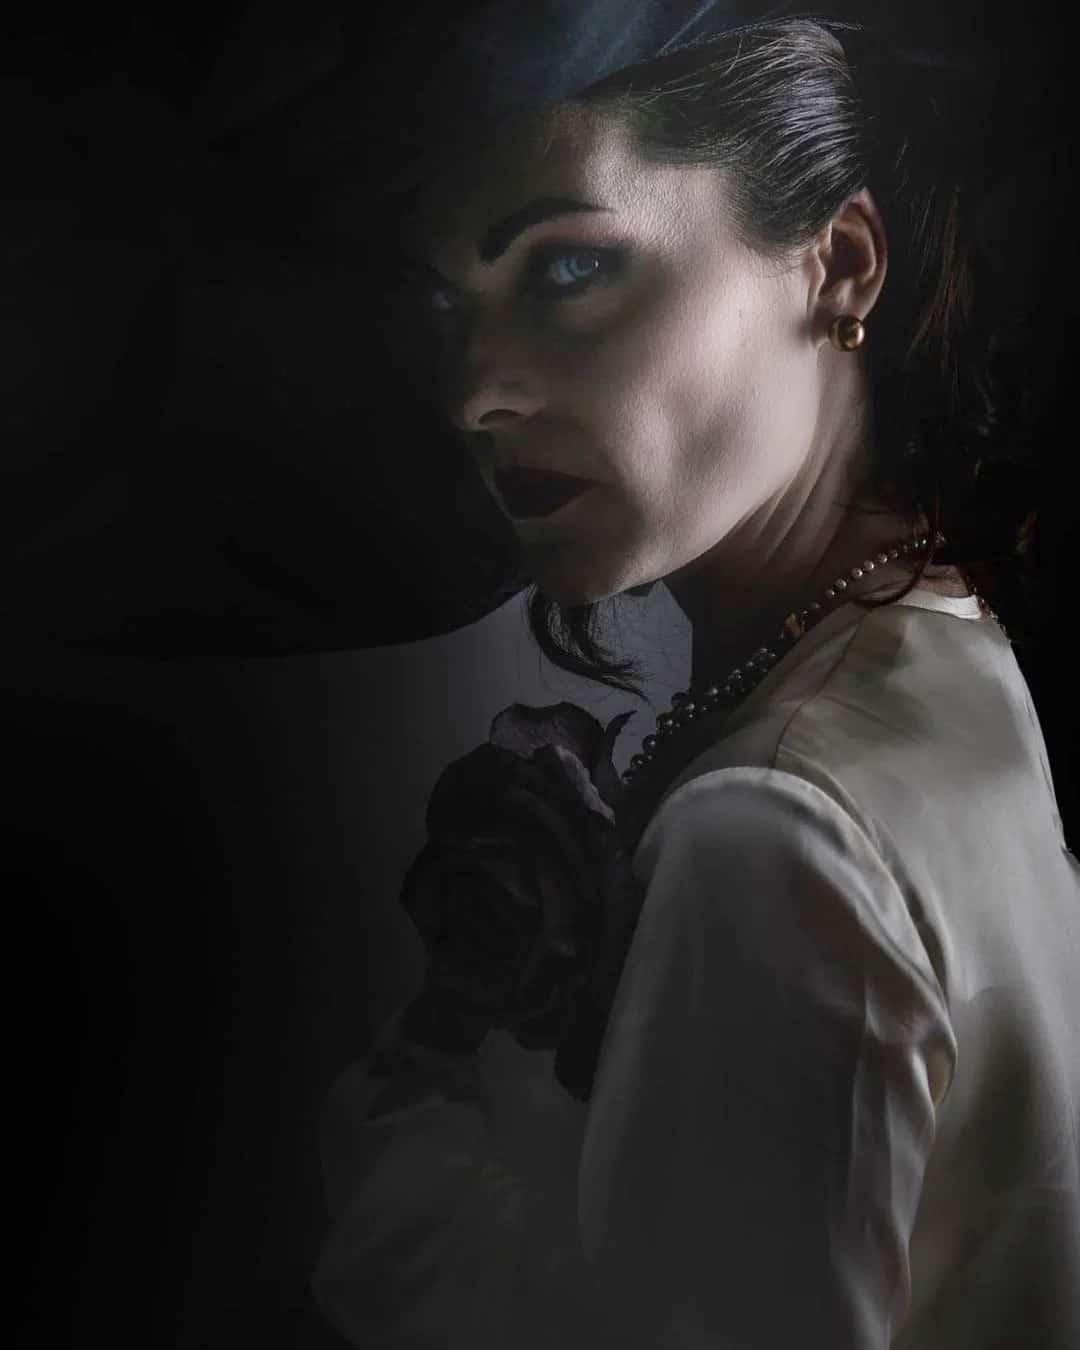 Atriz de rosto de Lady Dimitrescu com um cosplay da personagem.